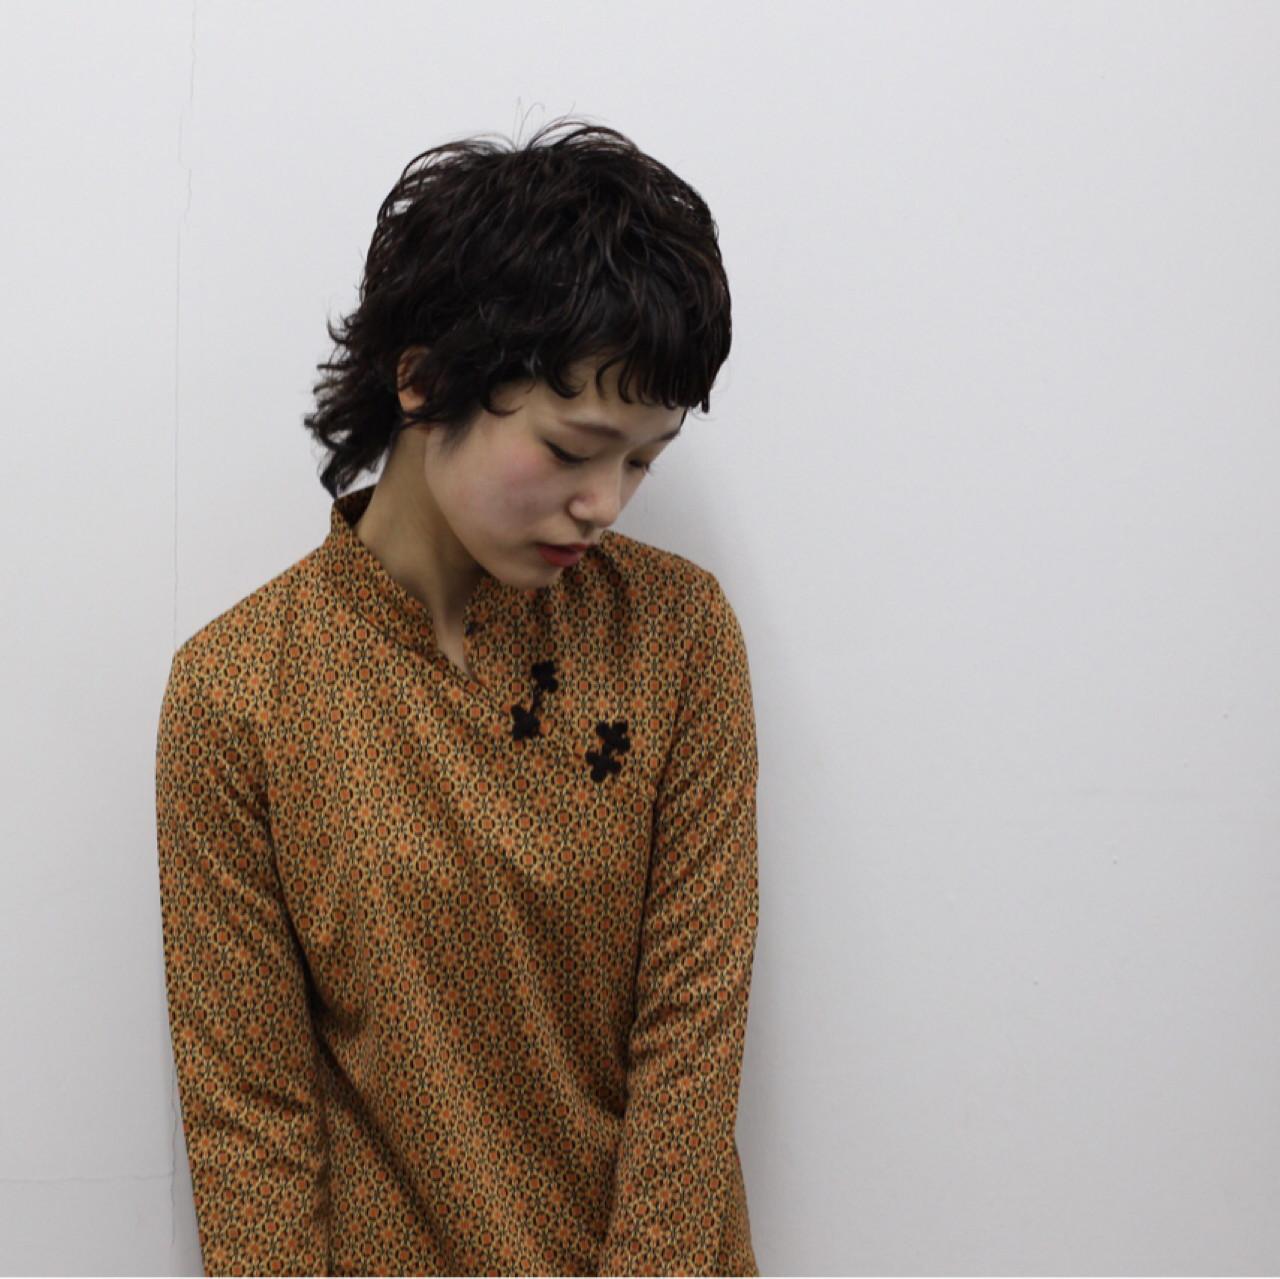 黒髪 ショート ウルフカット アッシュ ヘアスタイルや髪型の写真・画像